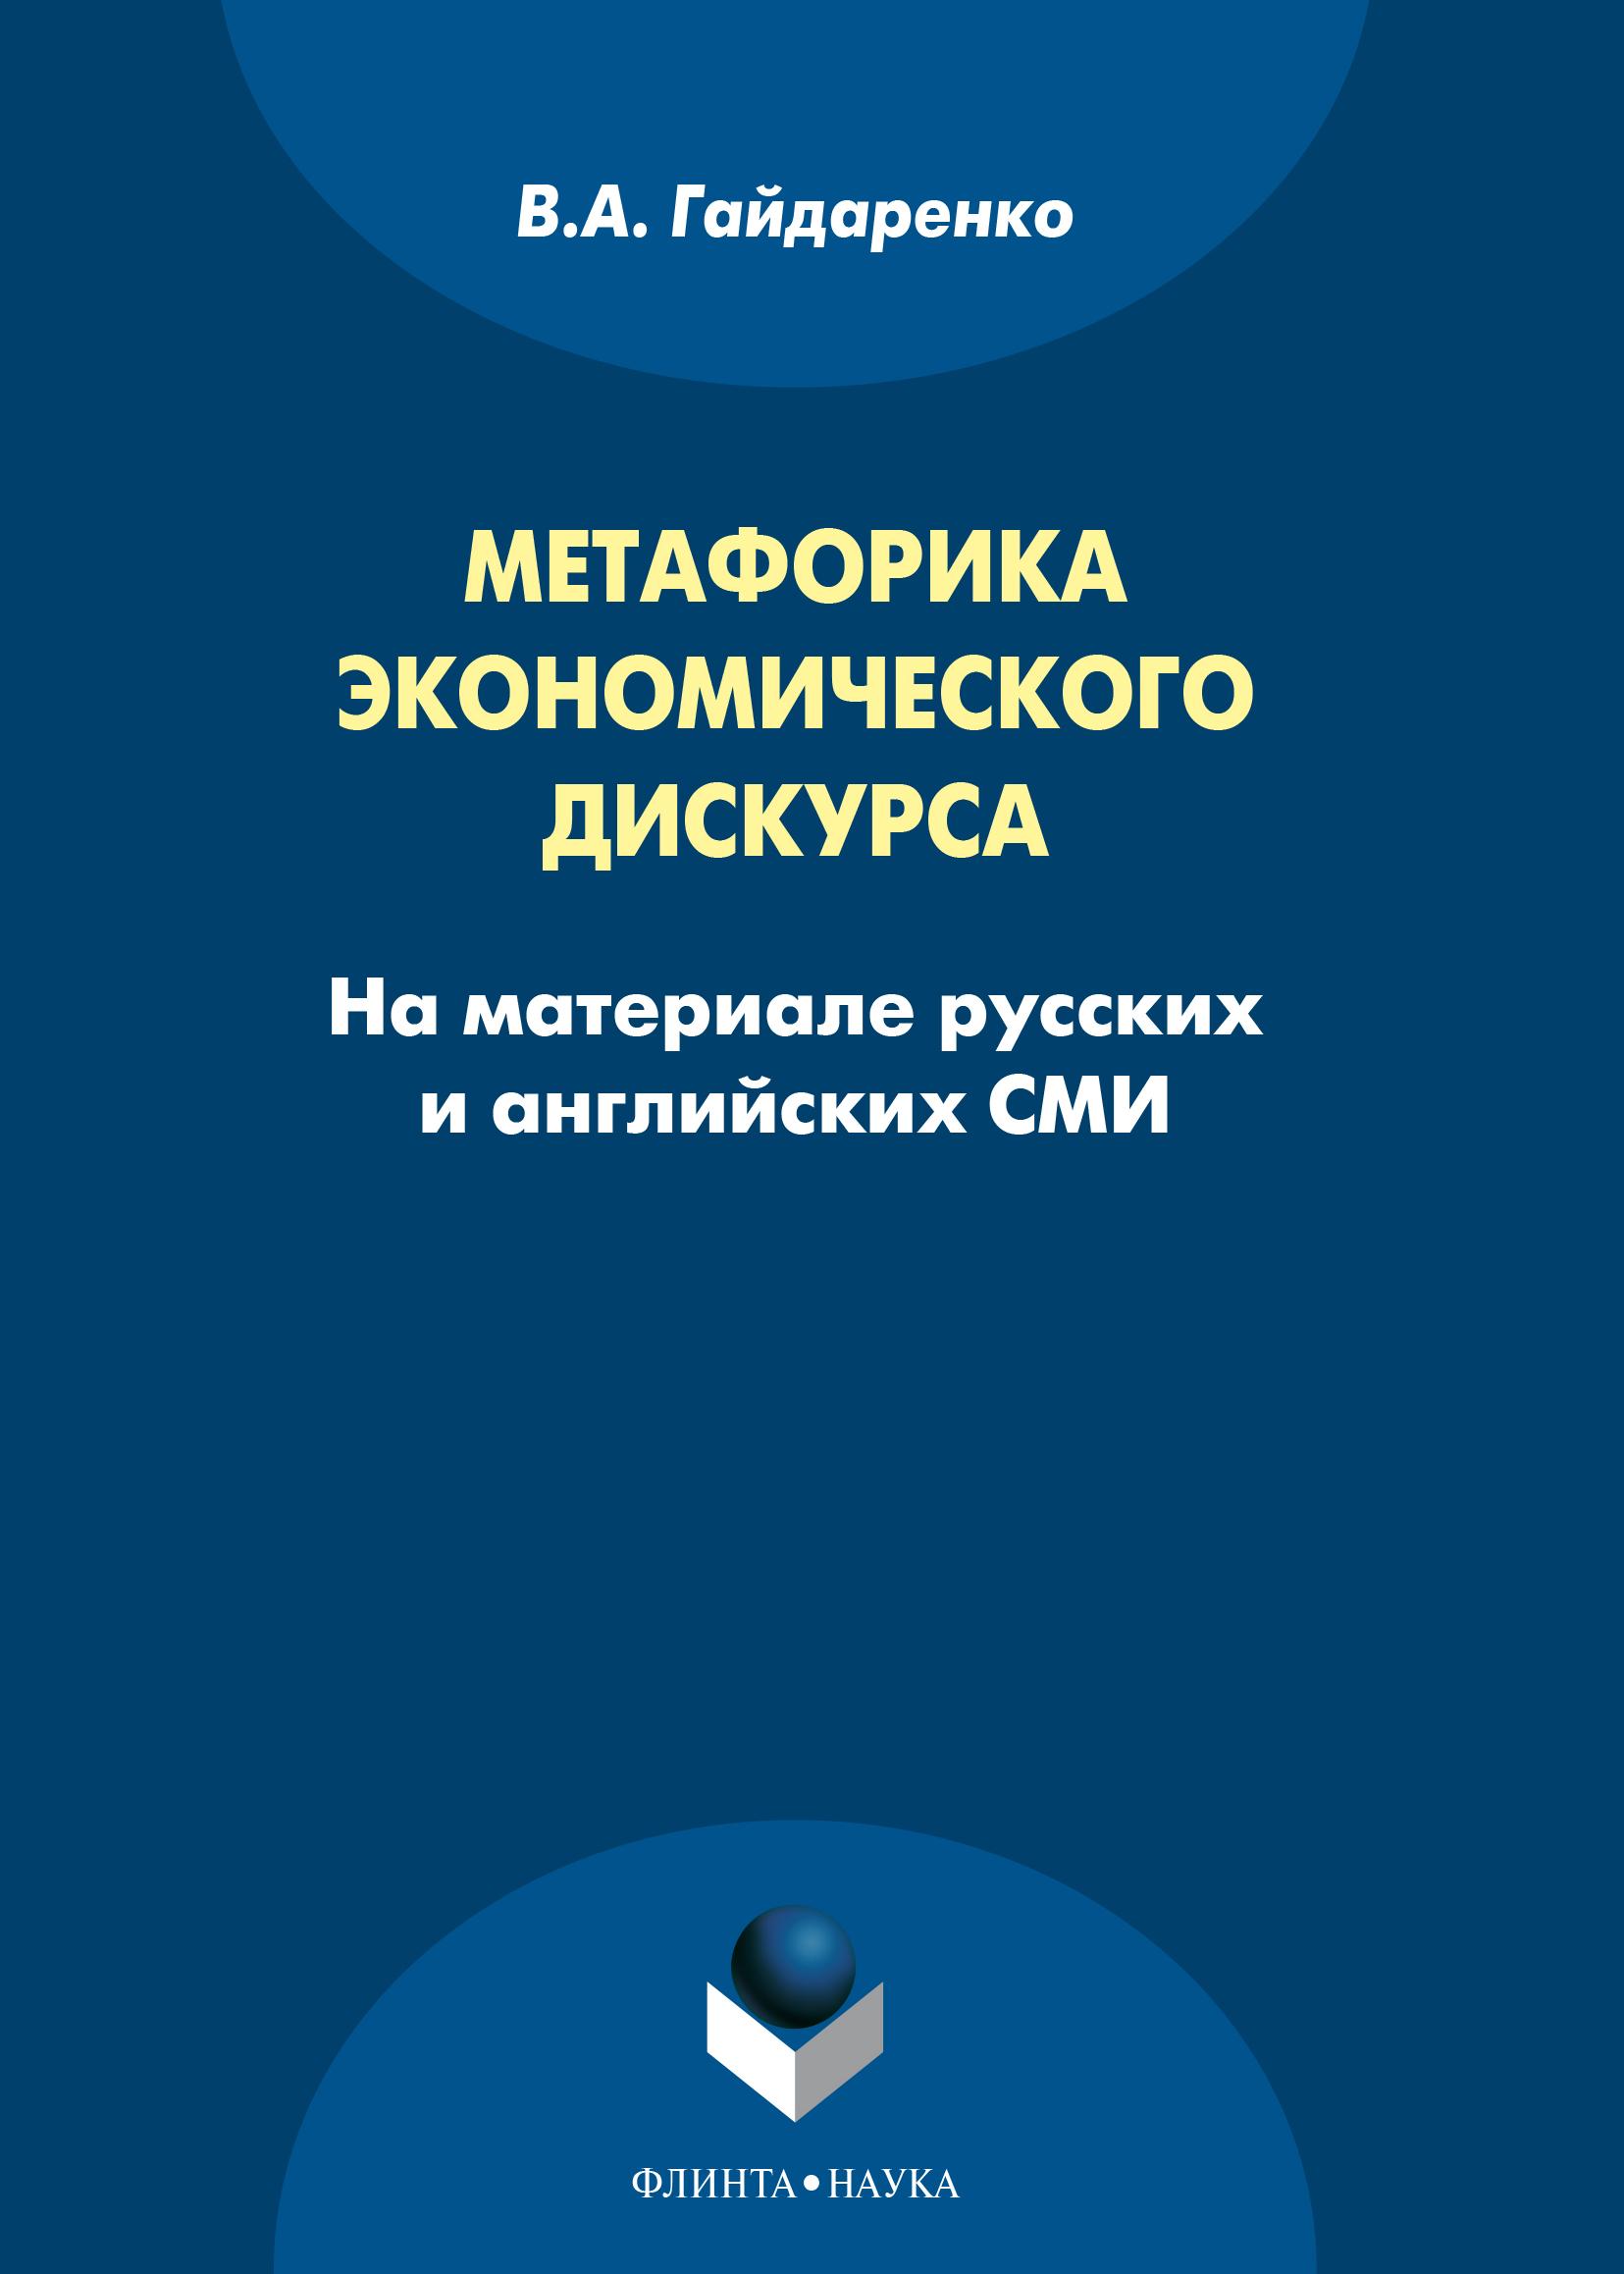 В. А. Гайдаренко Метафорика экономического дискурса (на материале русских и английских СМИ)